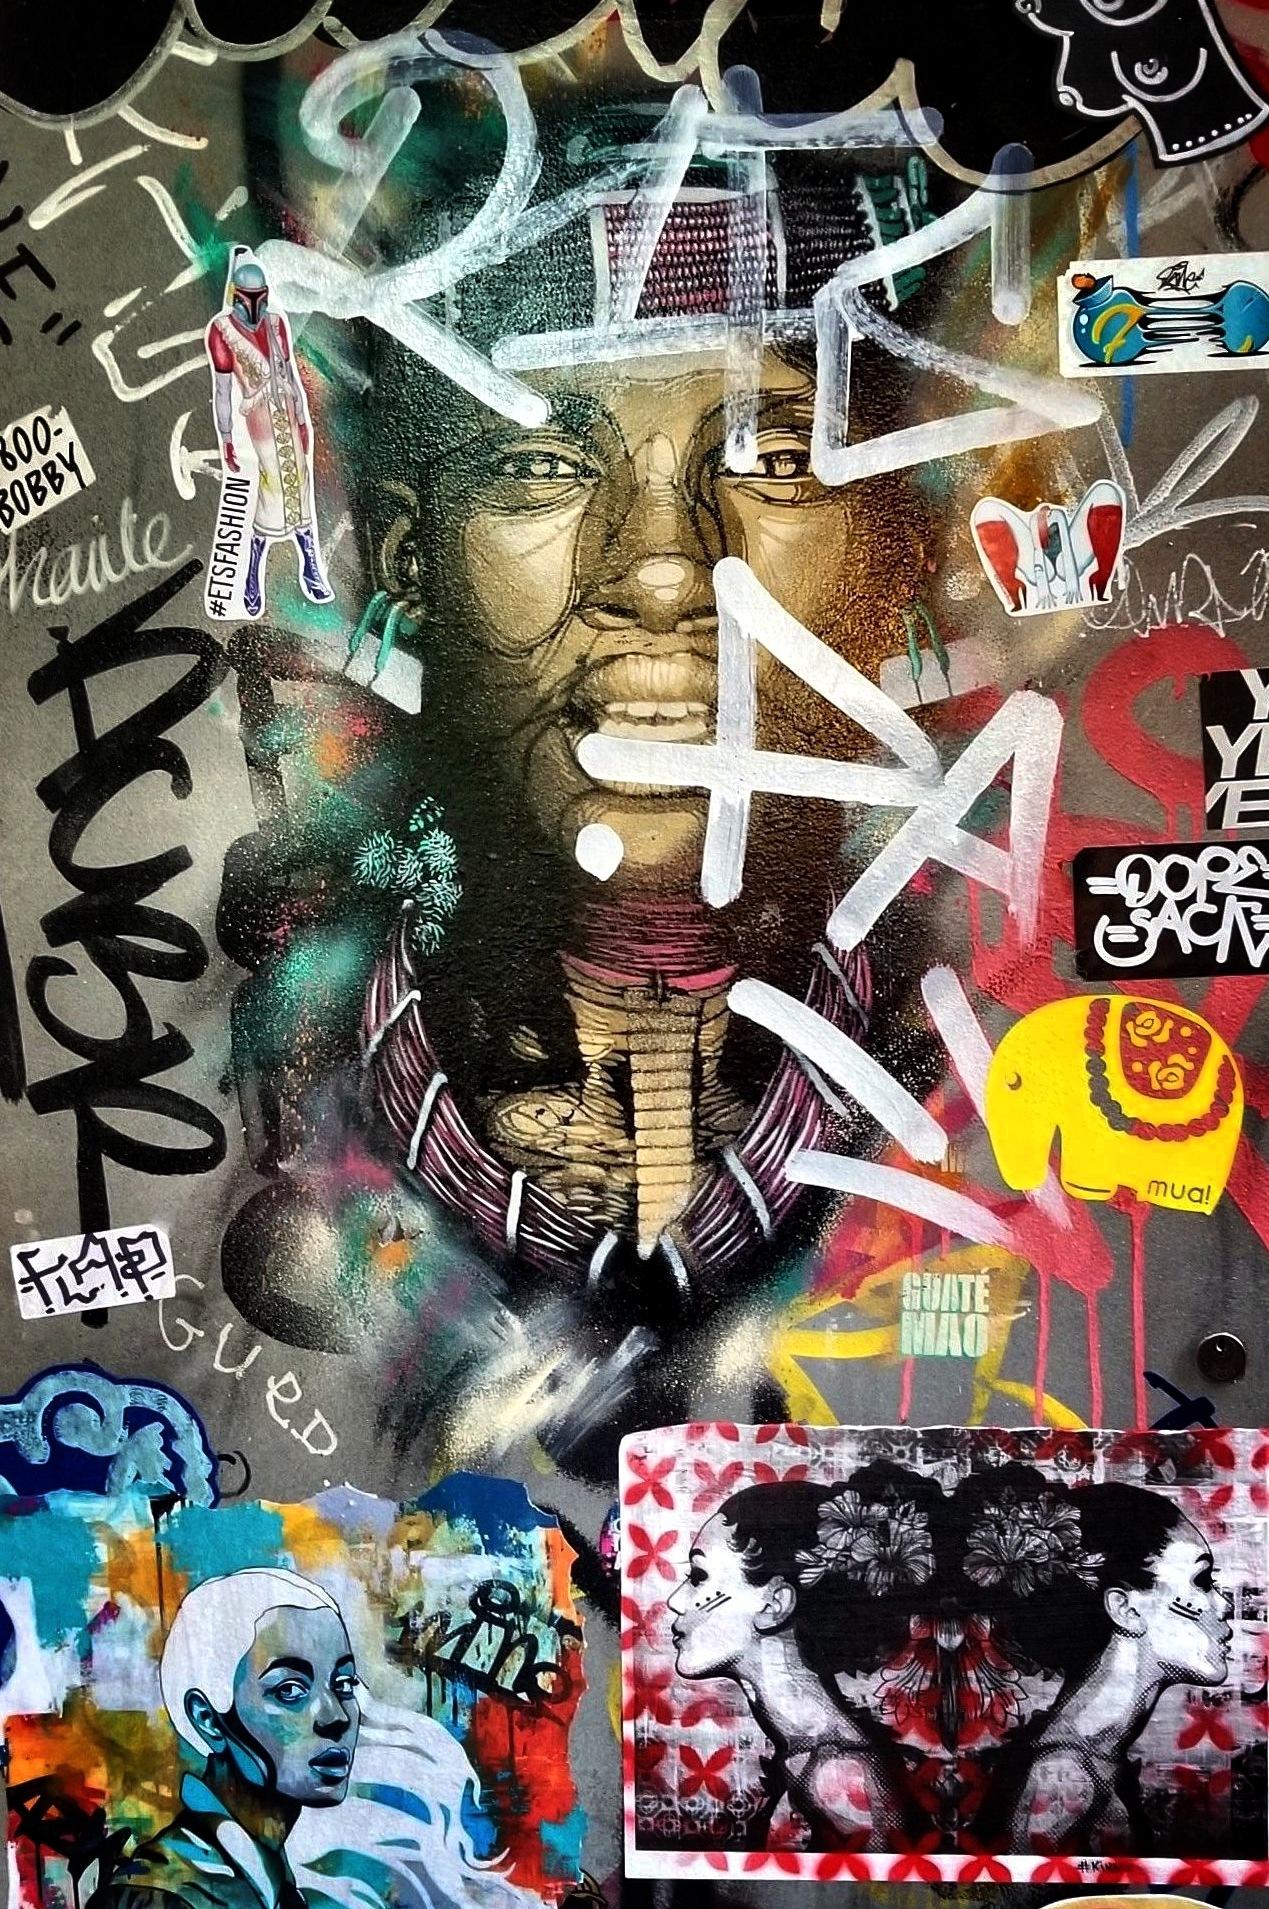 street art by Tony Kao